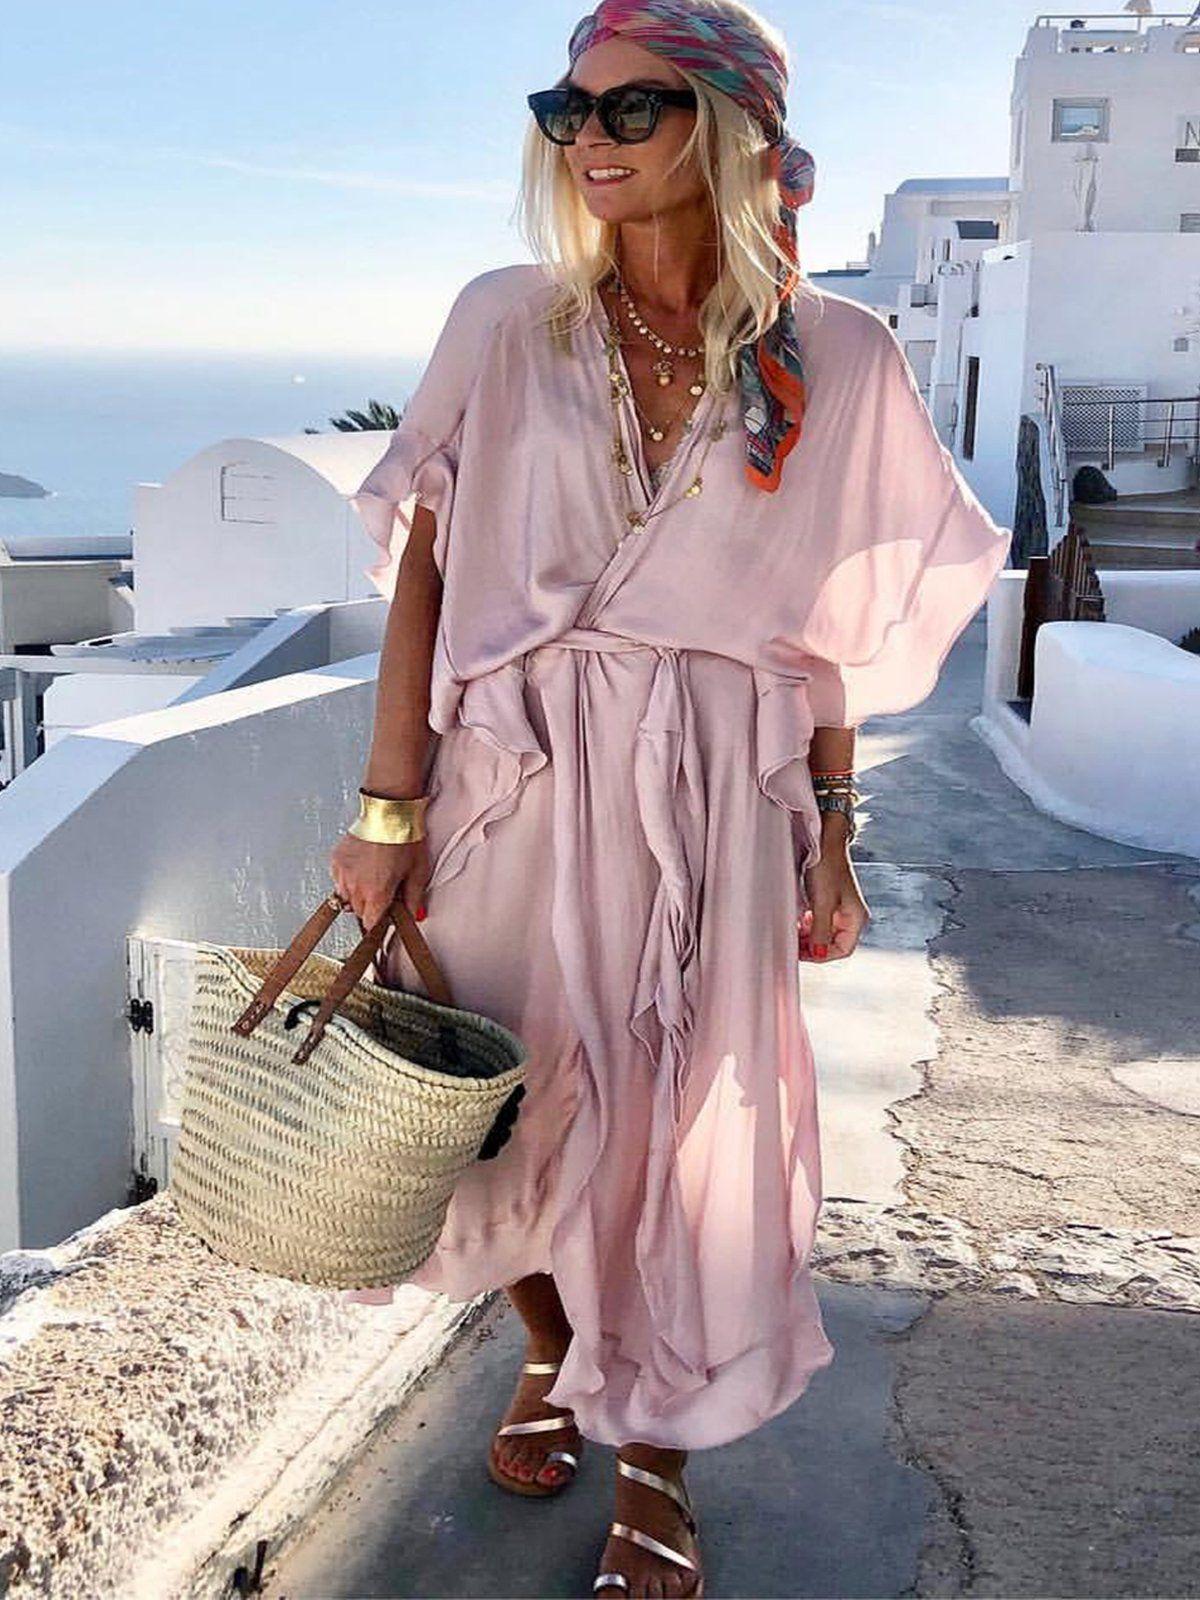 личность модные луки для отдыха на море фото позор, мените